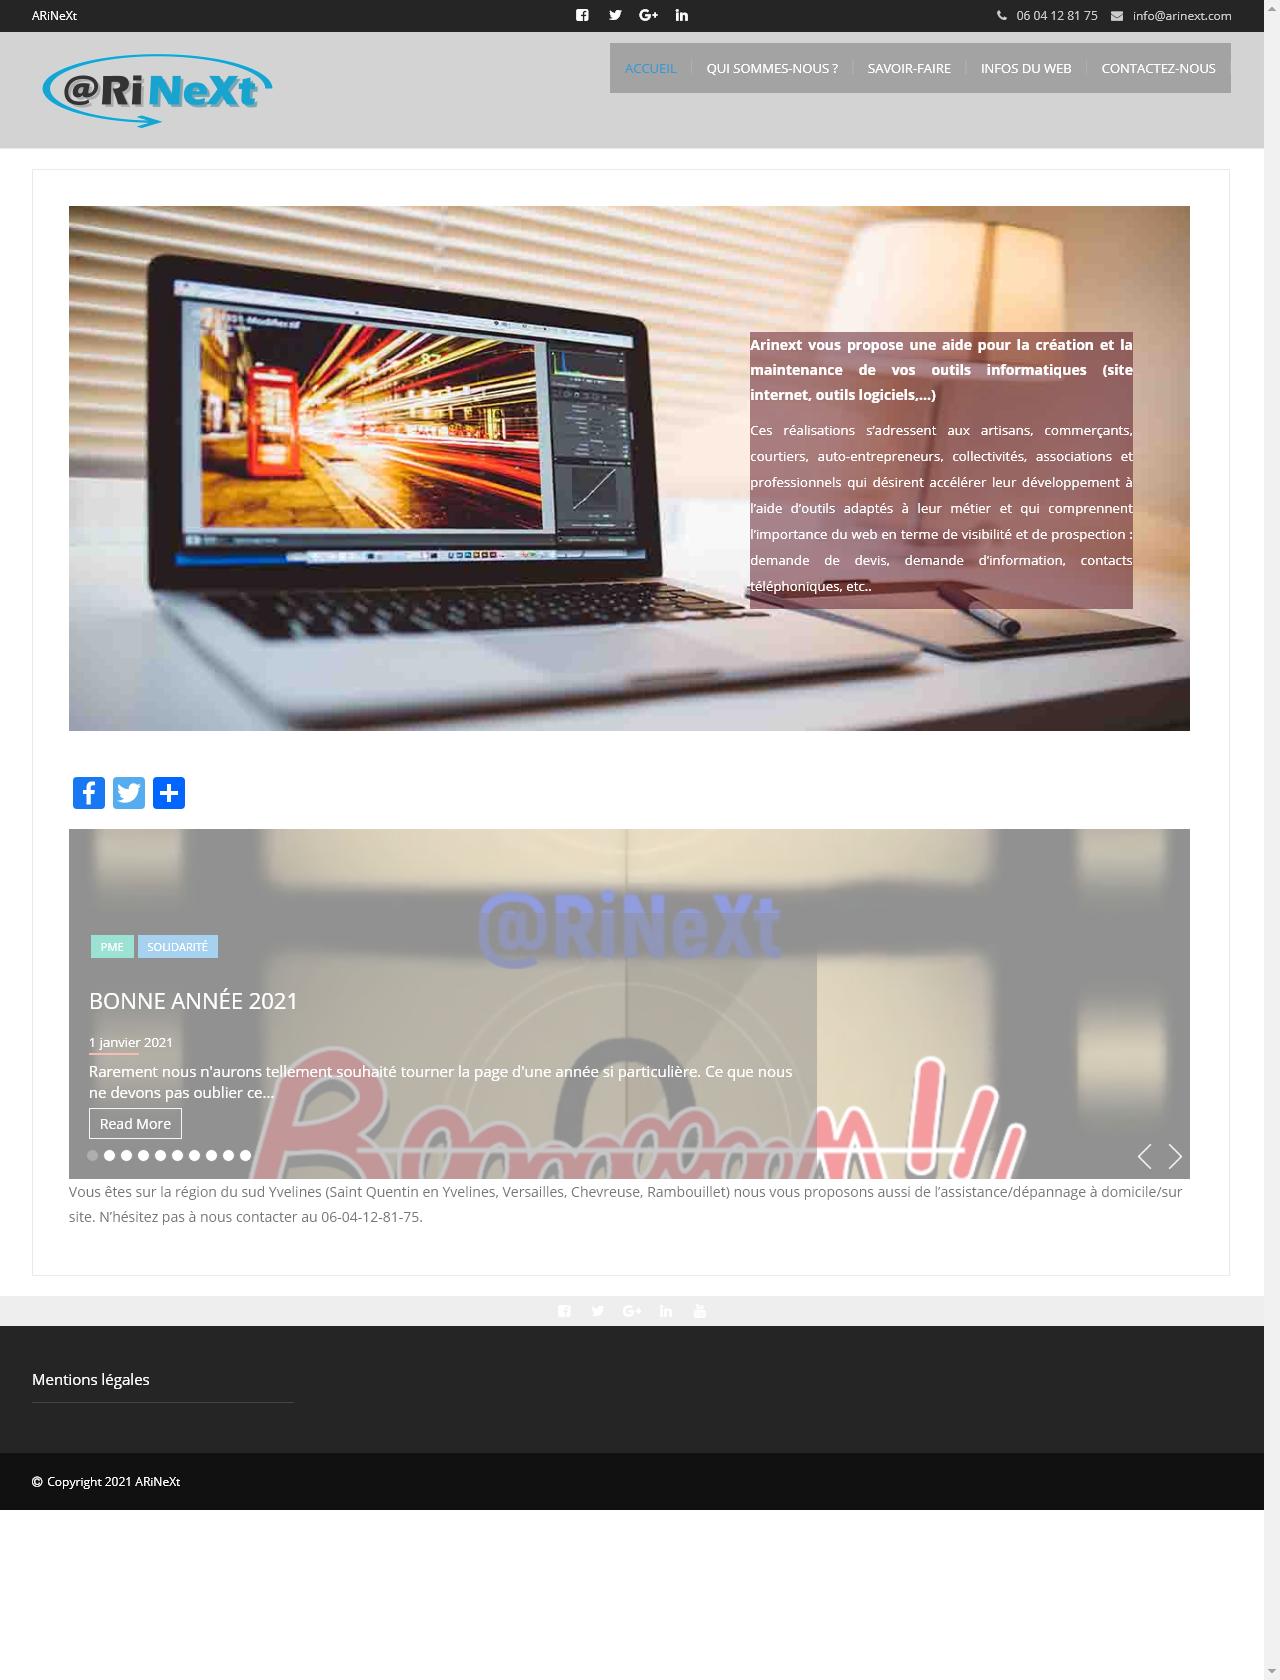 Screenshot Desktop - https://arinext.com/